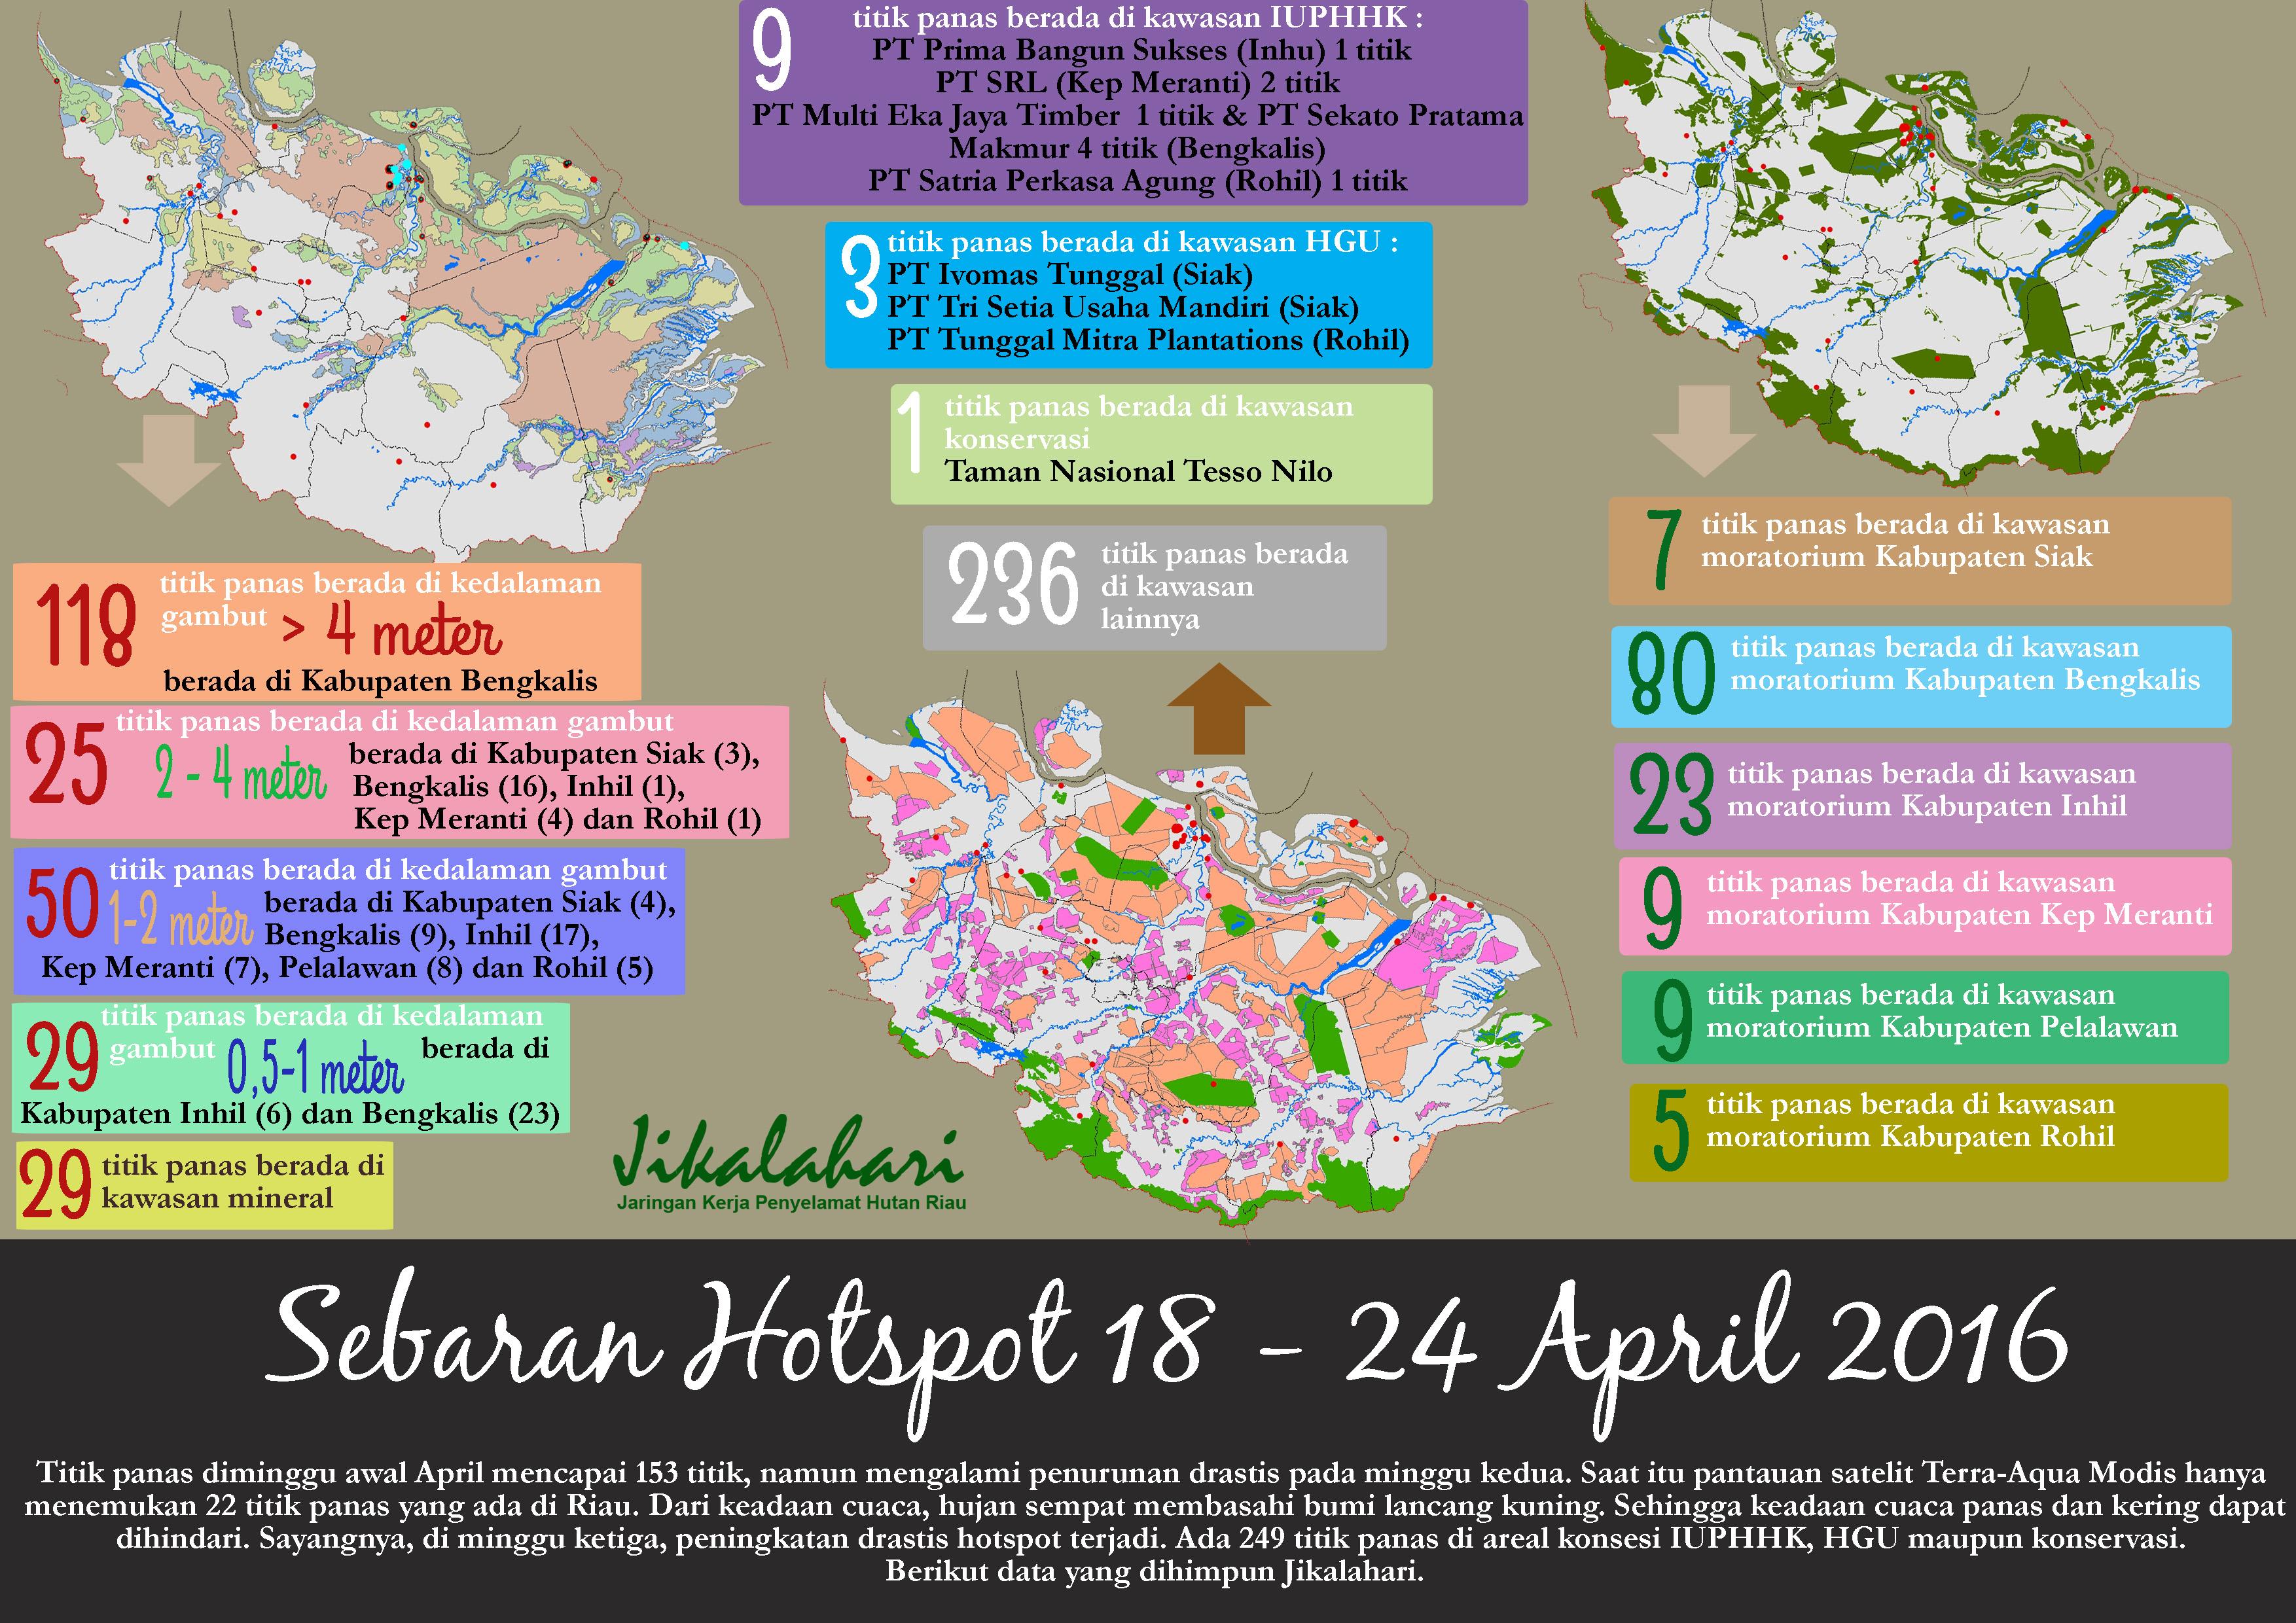 Hotspot 18-24 April